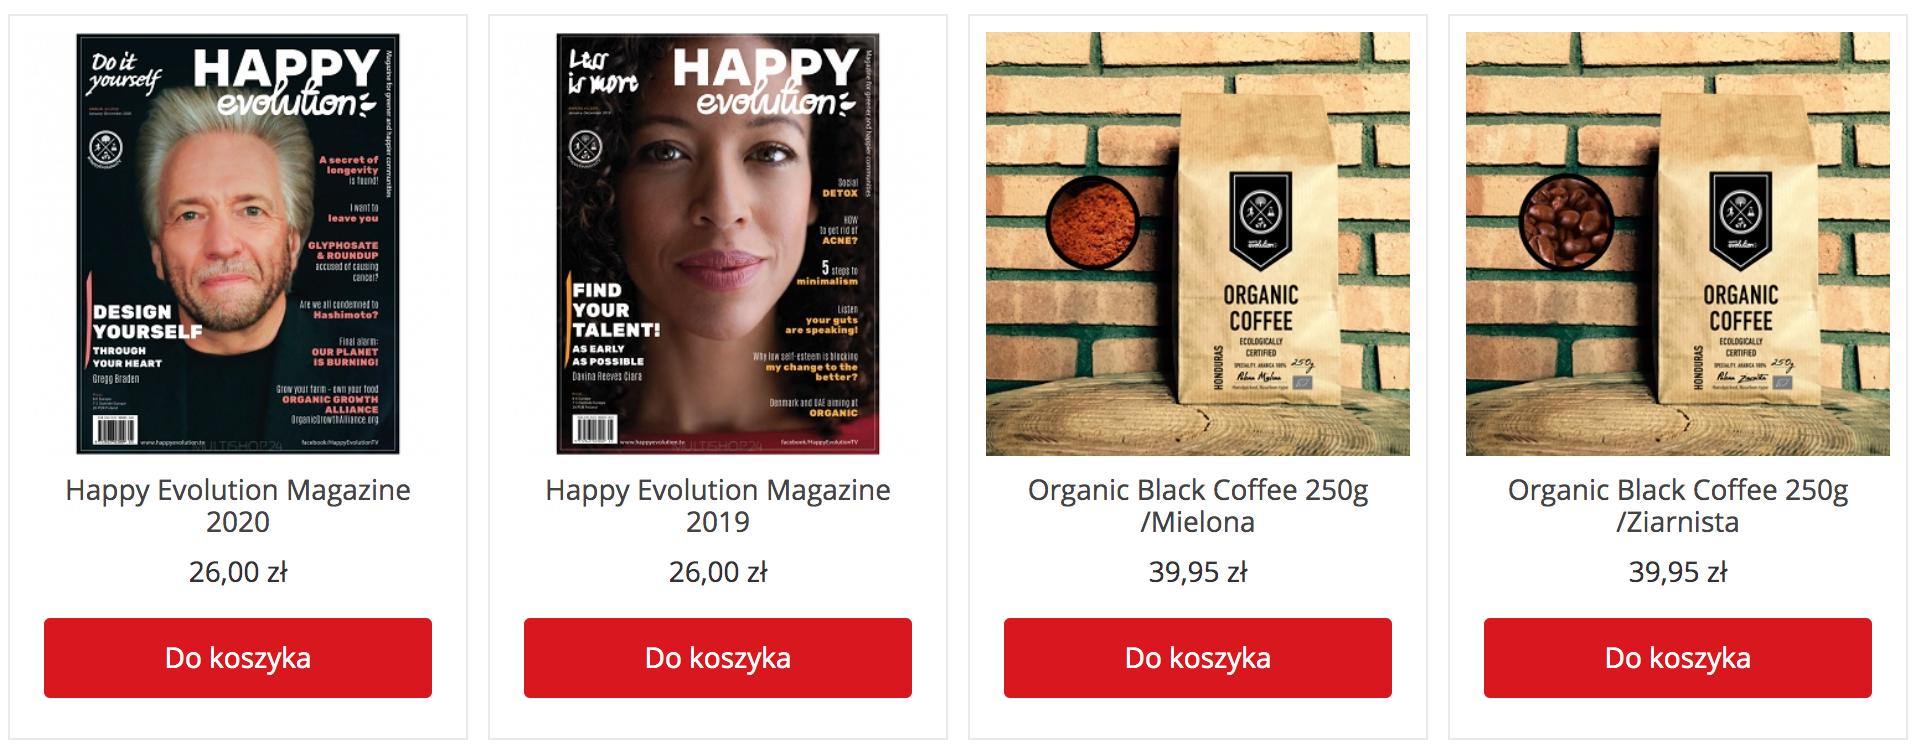 happy-evolution-wybierz-cos-dla-siebie